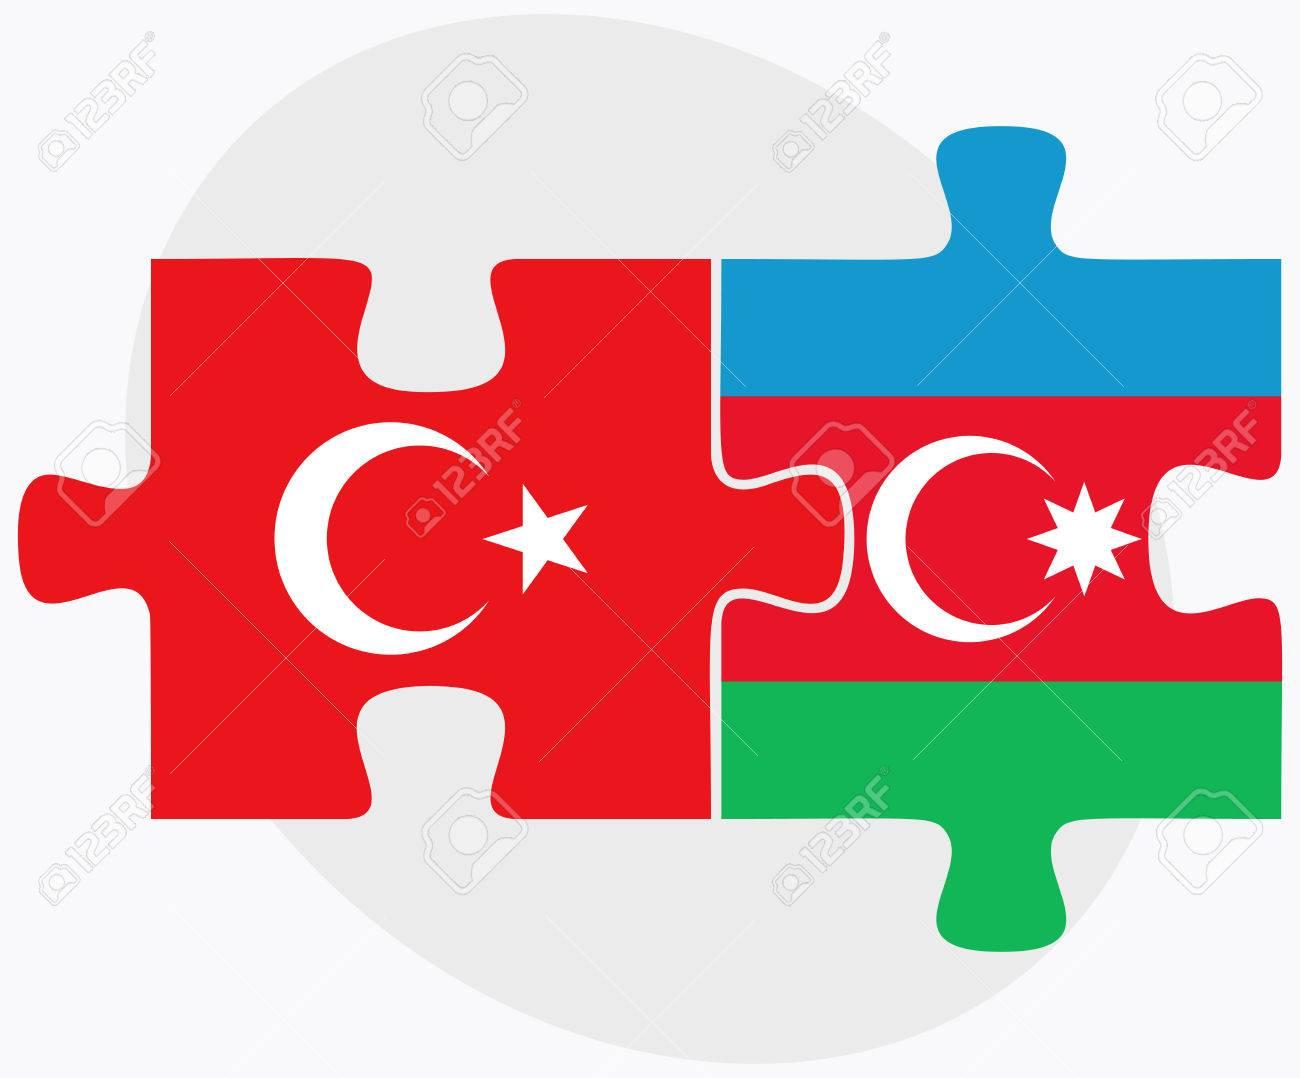 Turkei Und Aserbaidschan Fahnen In Puzzle Isoliert Auf Weissem Hintergrund Lizenzfrei Nutzbare Vektorgrafiken Clip Arts Illustrationen Image 44659475